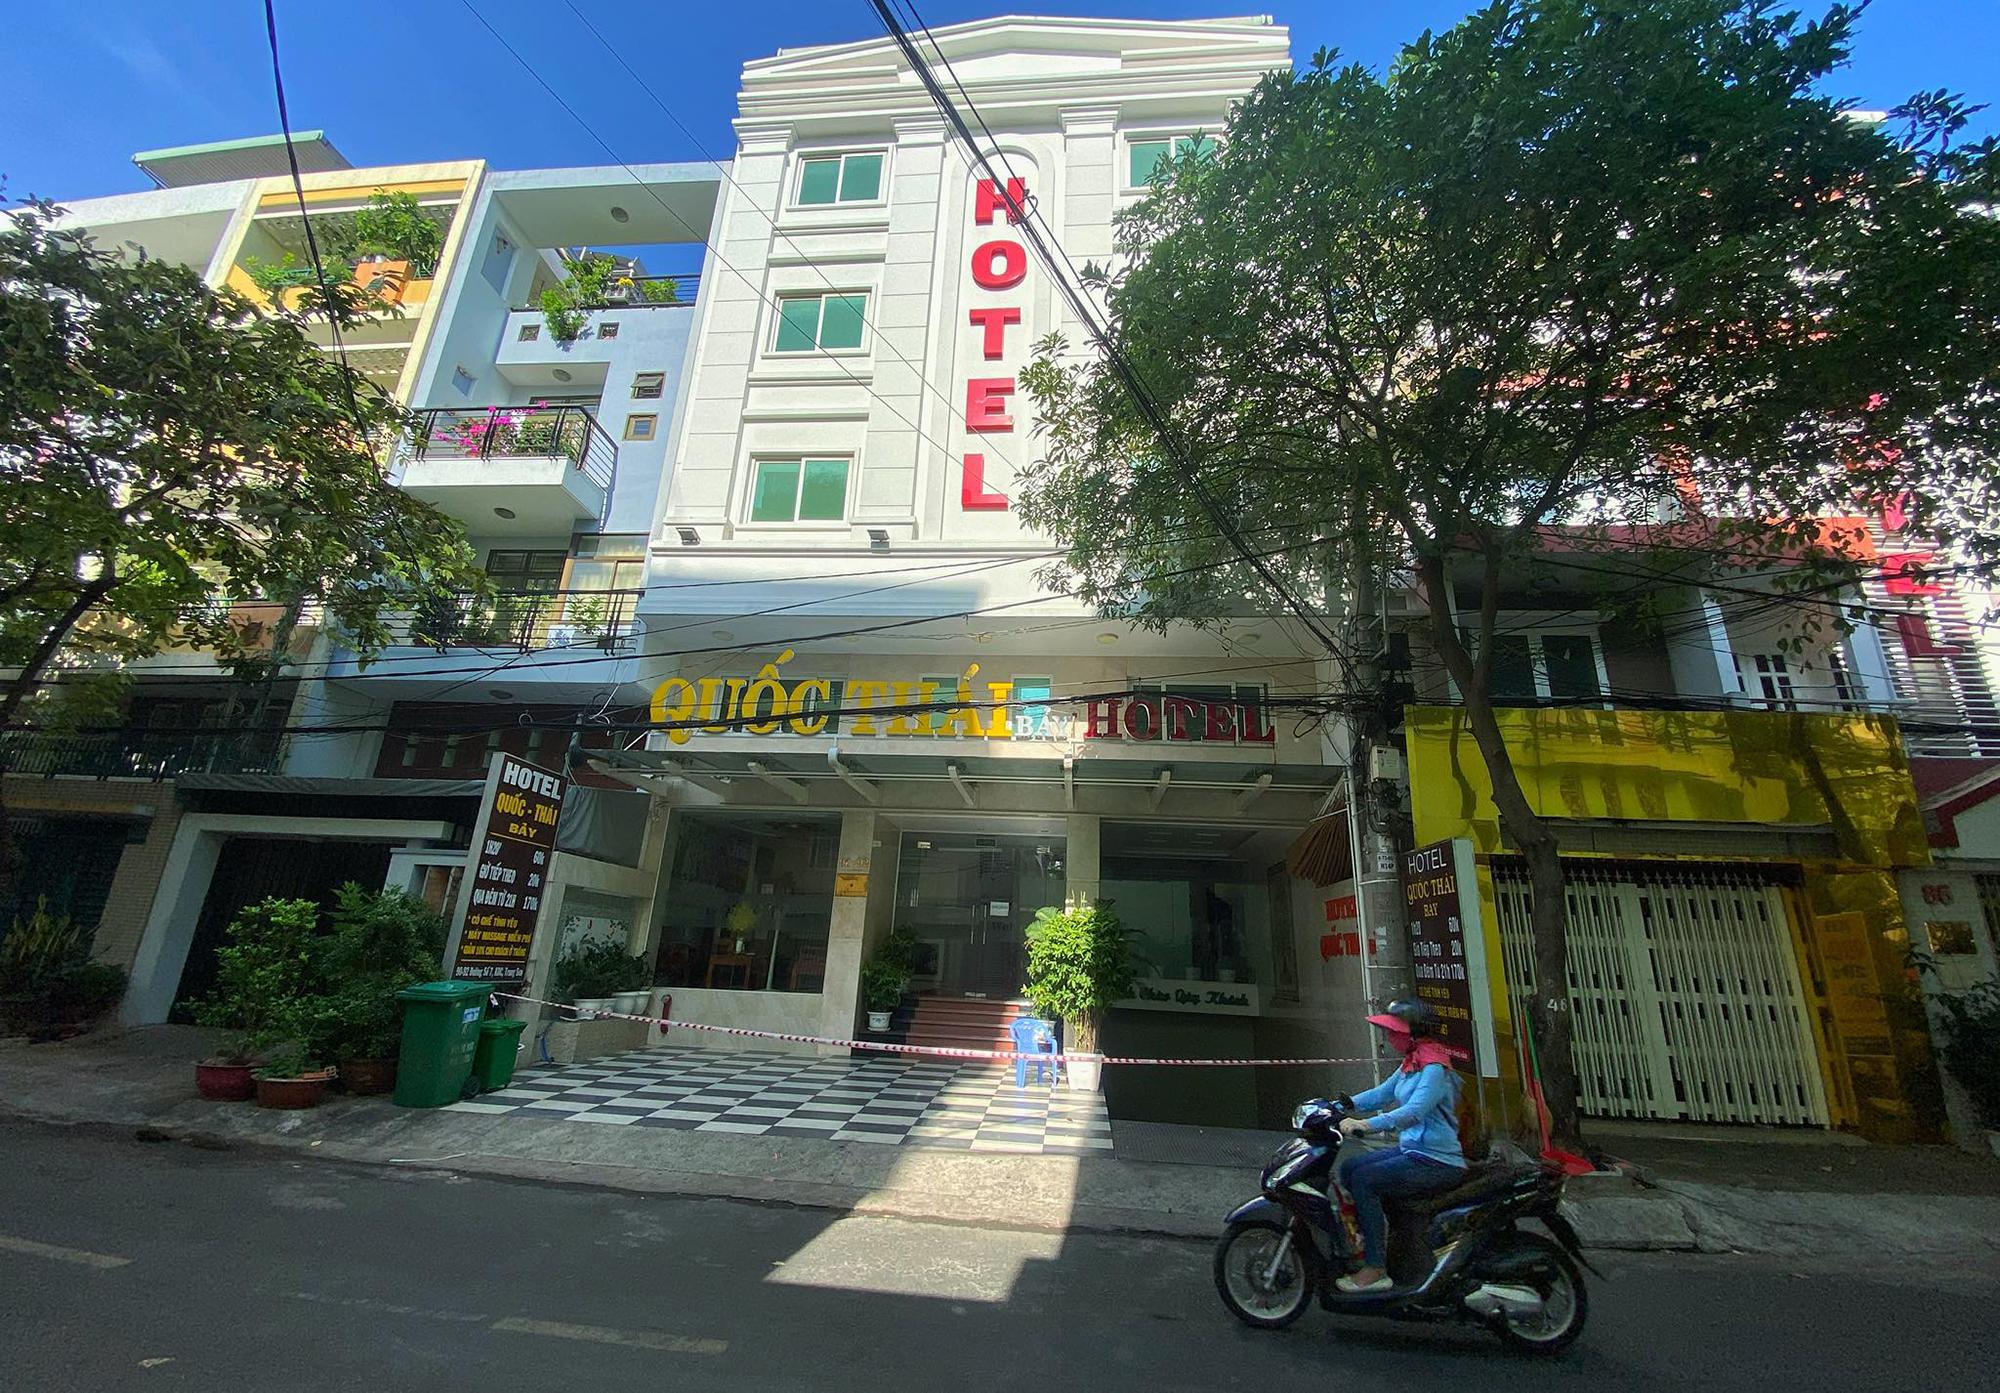 Khách sạn trên đường số 7 (Khu dân cư Trung Sơn, Bình chánh) bị phong tỏa sau khi bệnh nhân 2580 từng ở đây, sáng 26/3. Ảnh: Hữu Khoa.